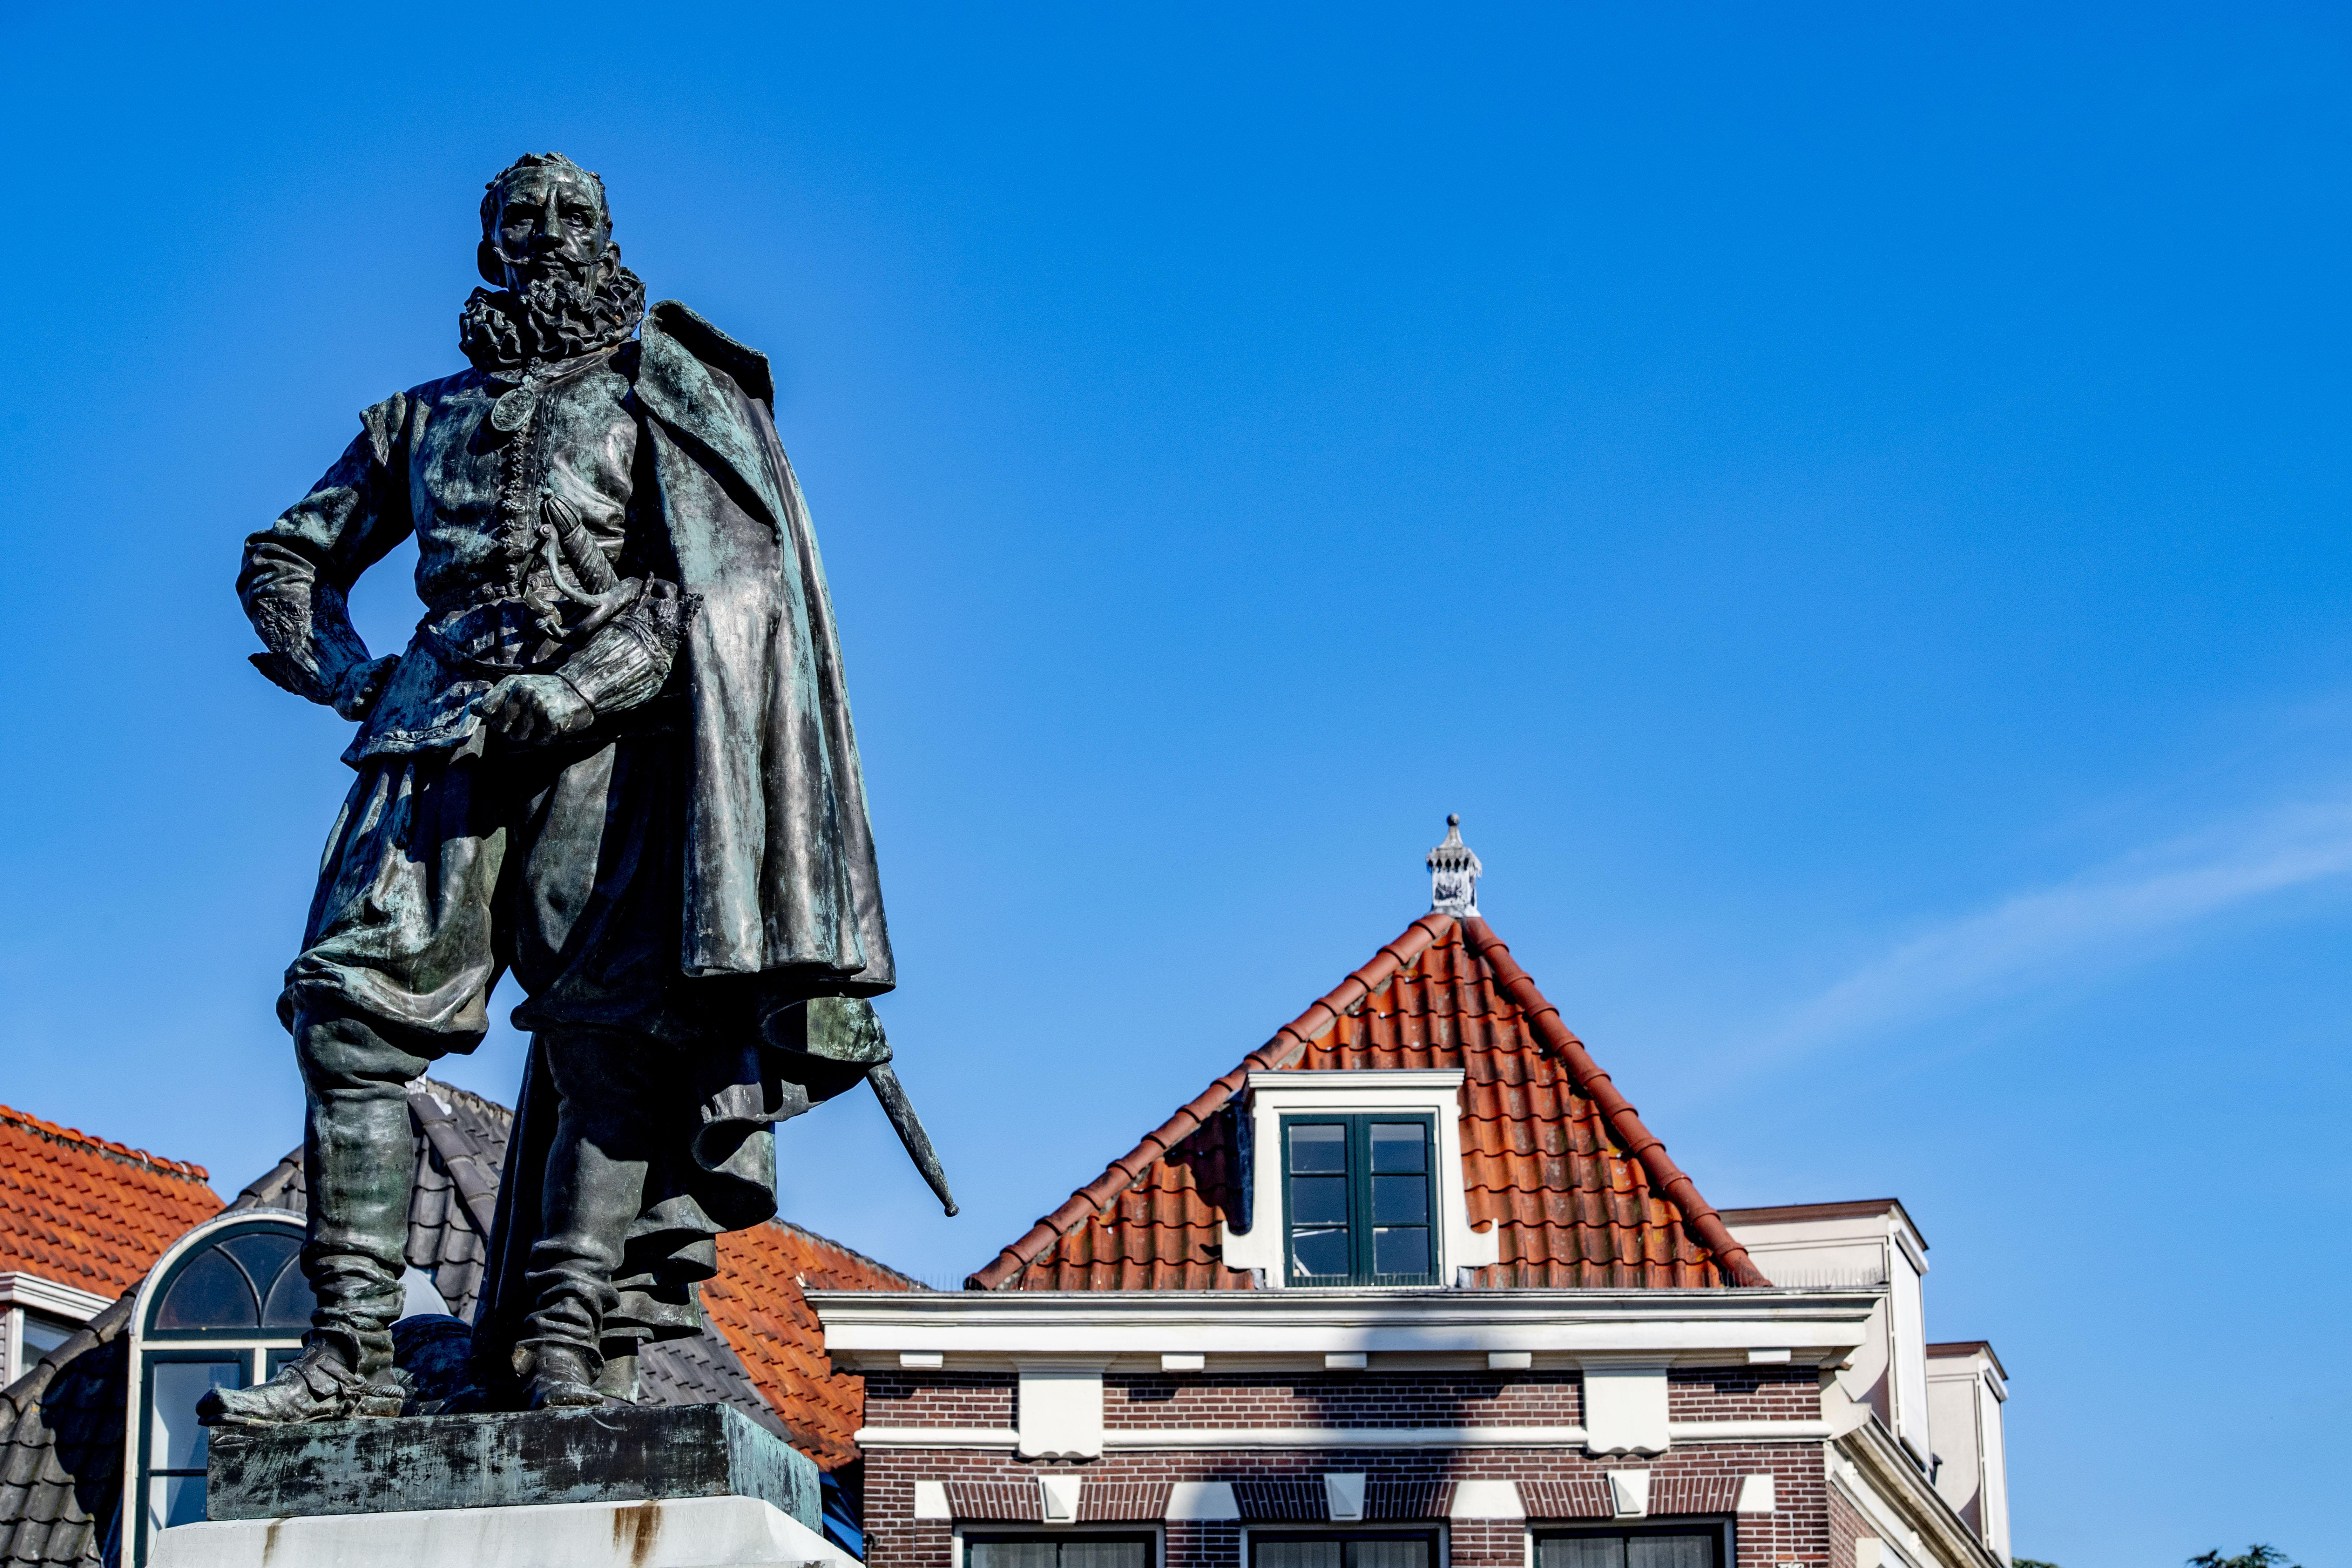 Het beruchte standbeeld waar het allemaal om gaat: Jan Pieterszoon Coen.